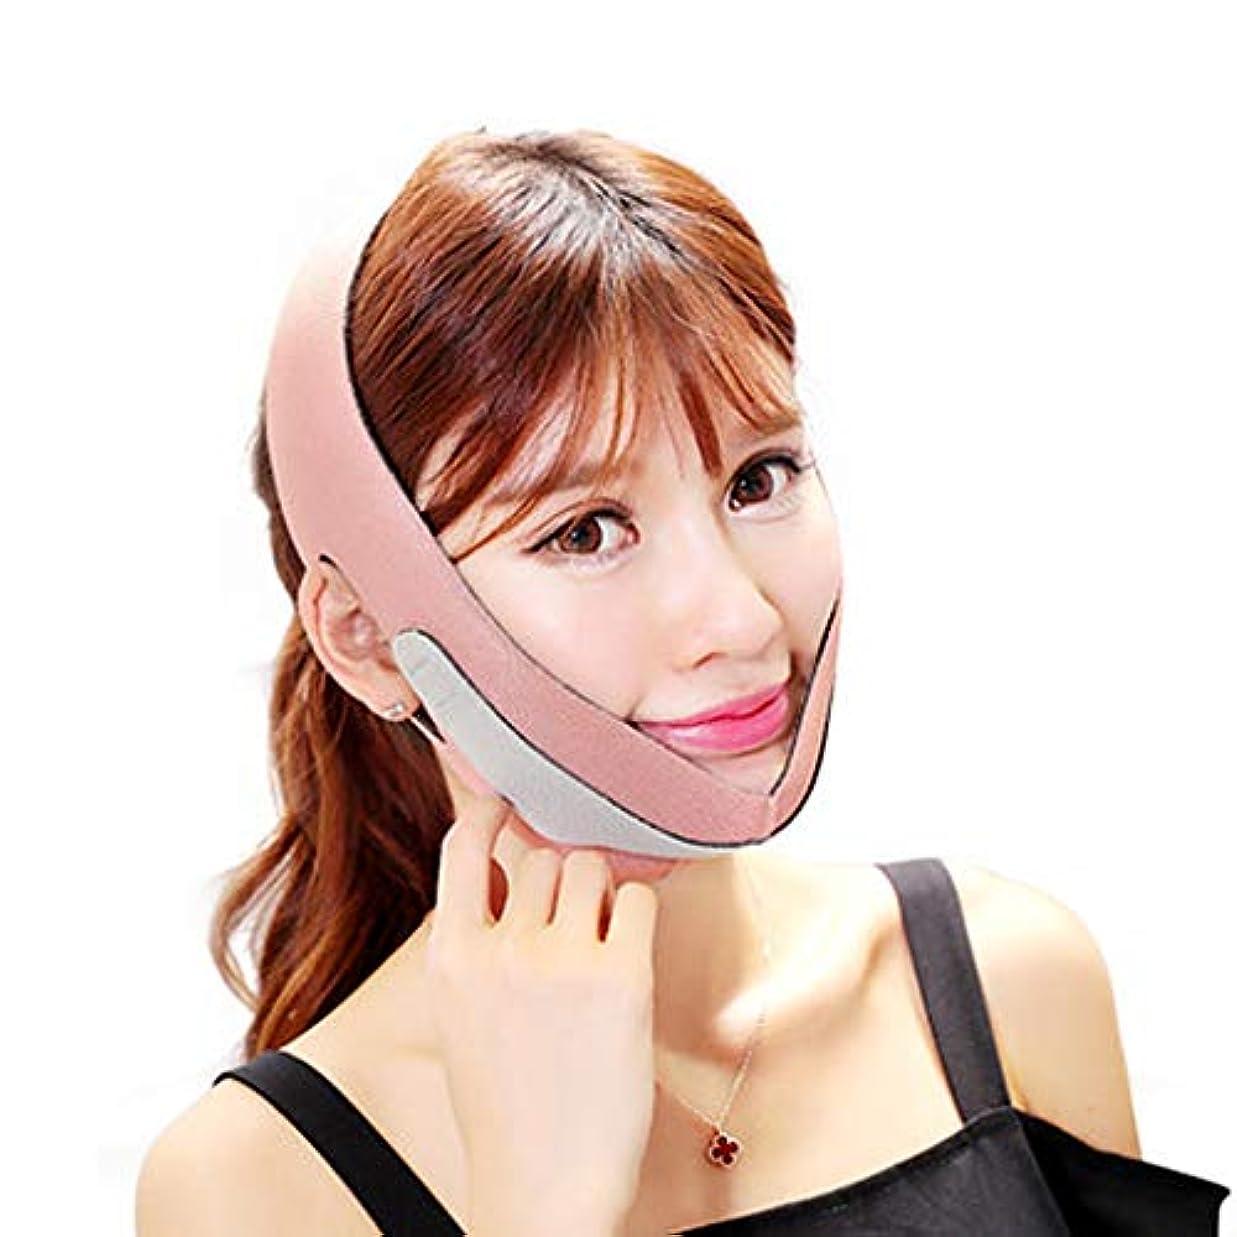 中国確認するアミューズ痩身マスク V 顔ベルトあご頬スリムリフティングアンチしわマスクスリムストラップ